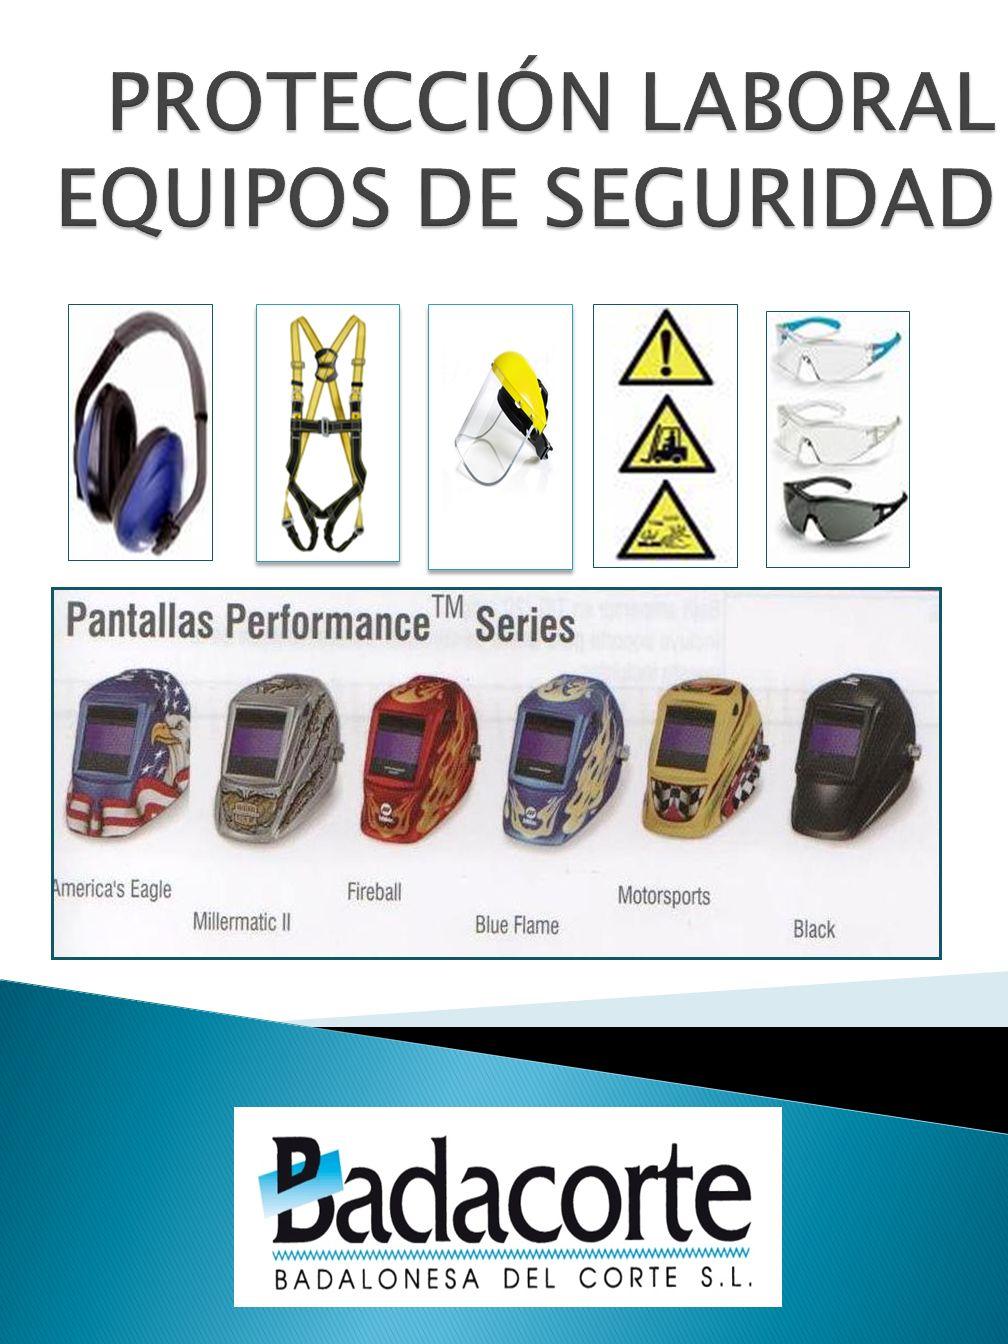 PROTECCIÓN LABORAL EQUIPOS DE SEGURIDAD